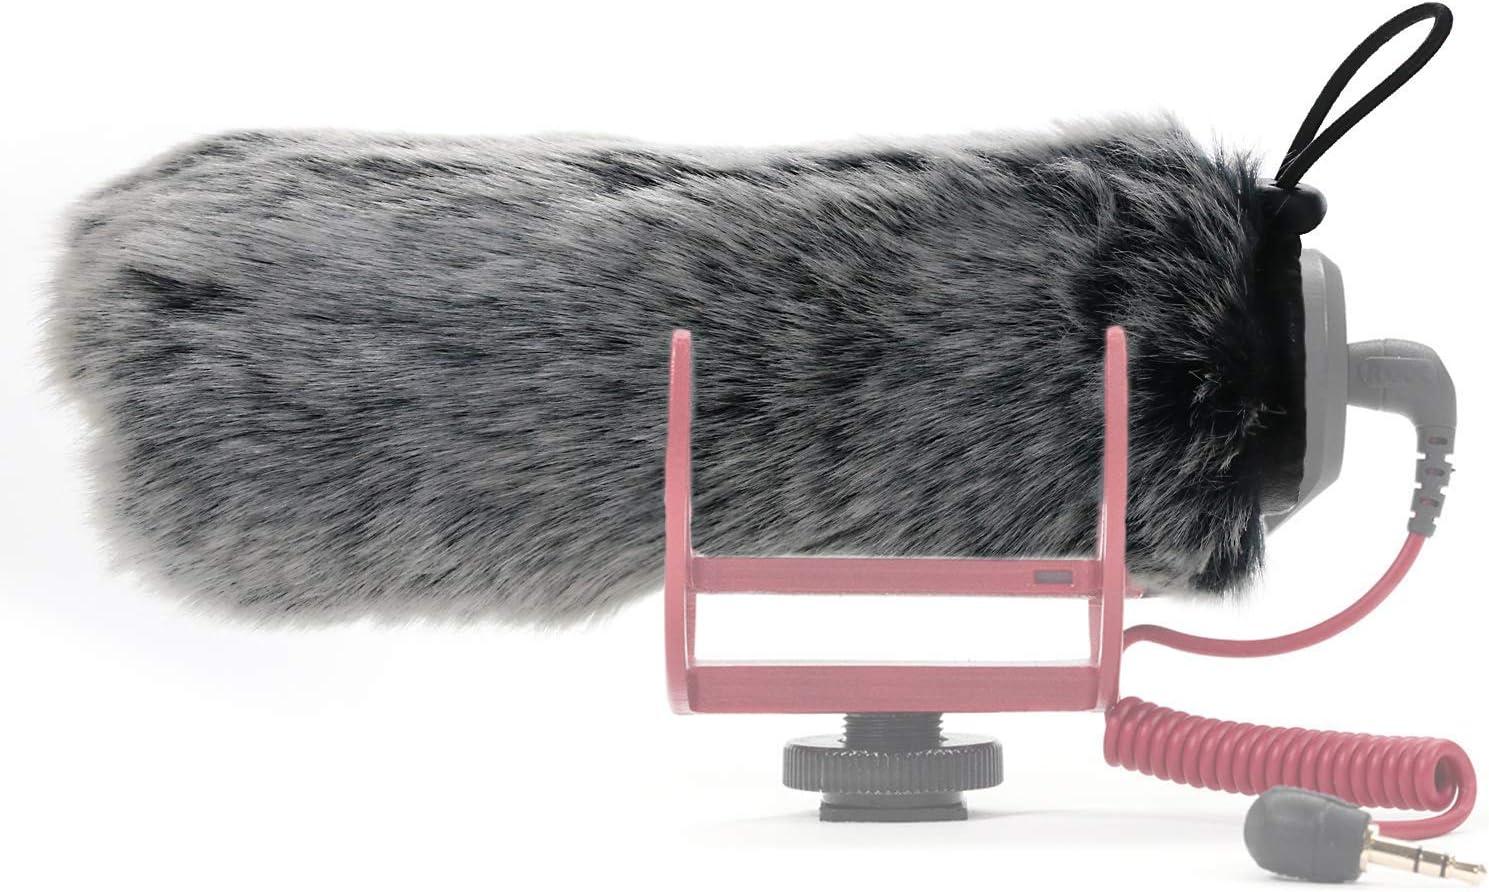 SUNMON shipfree Rode Deadcat Mic Windshield for VideoMic 1 year warranty Filter Fur